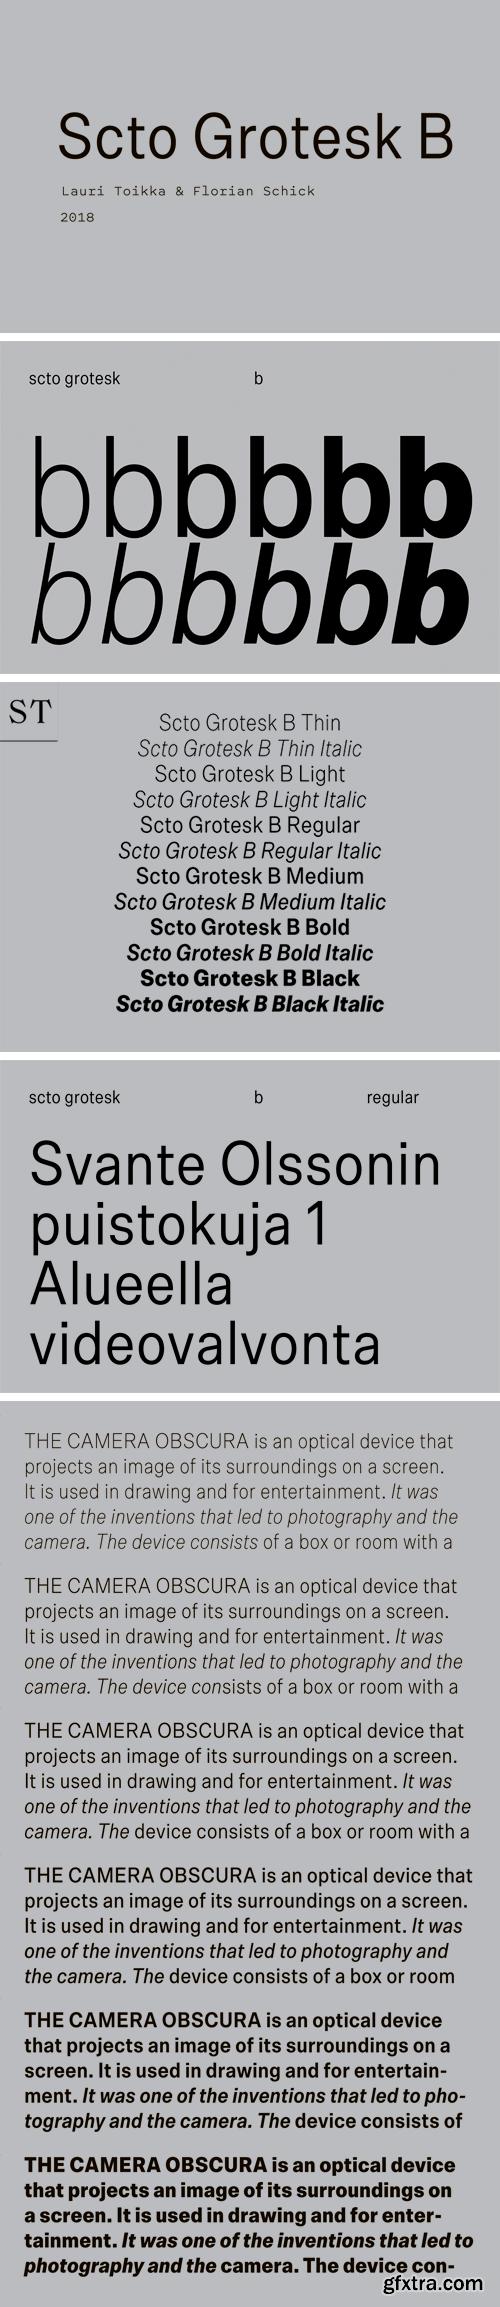 Scto Grotesk B Font Family